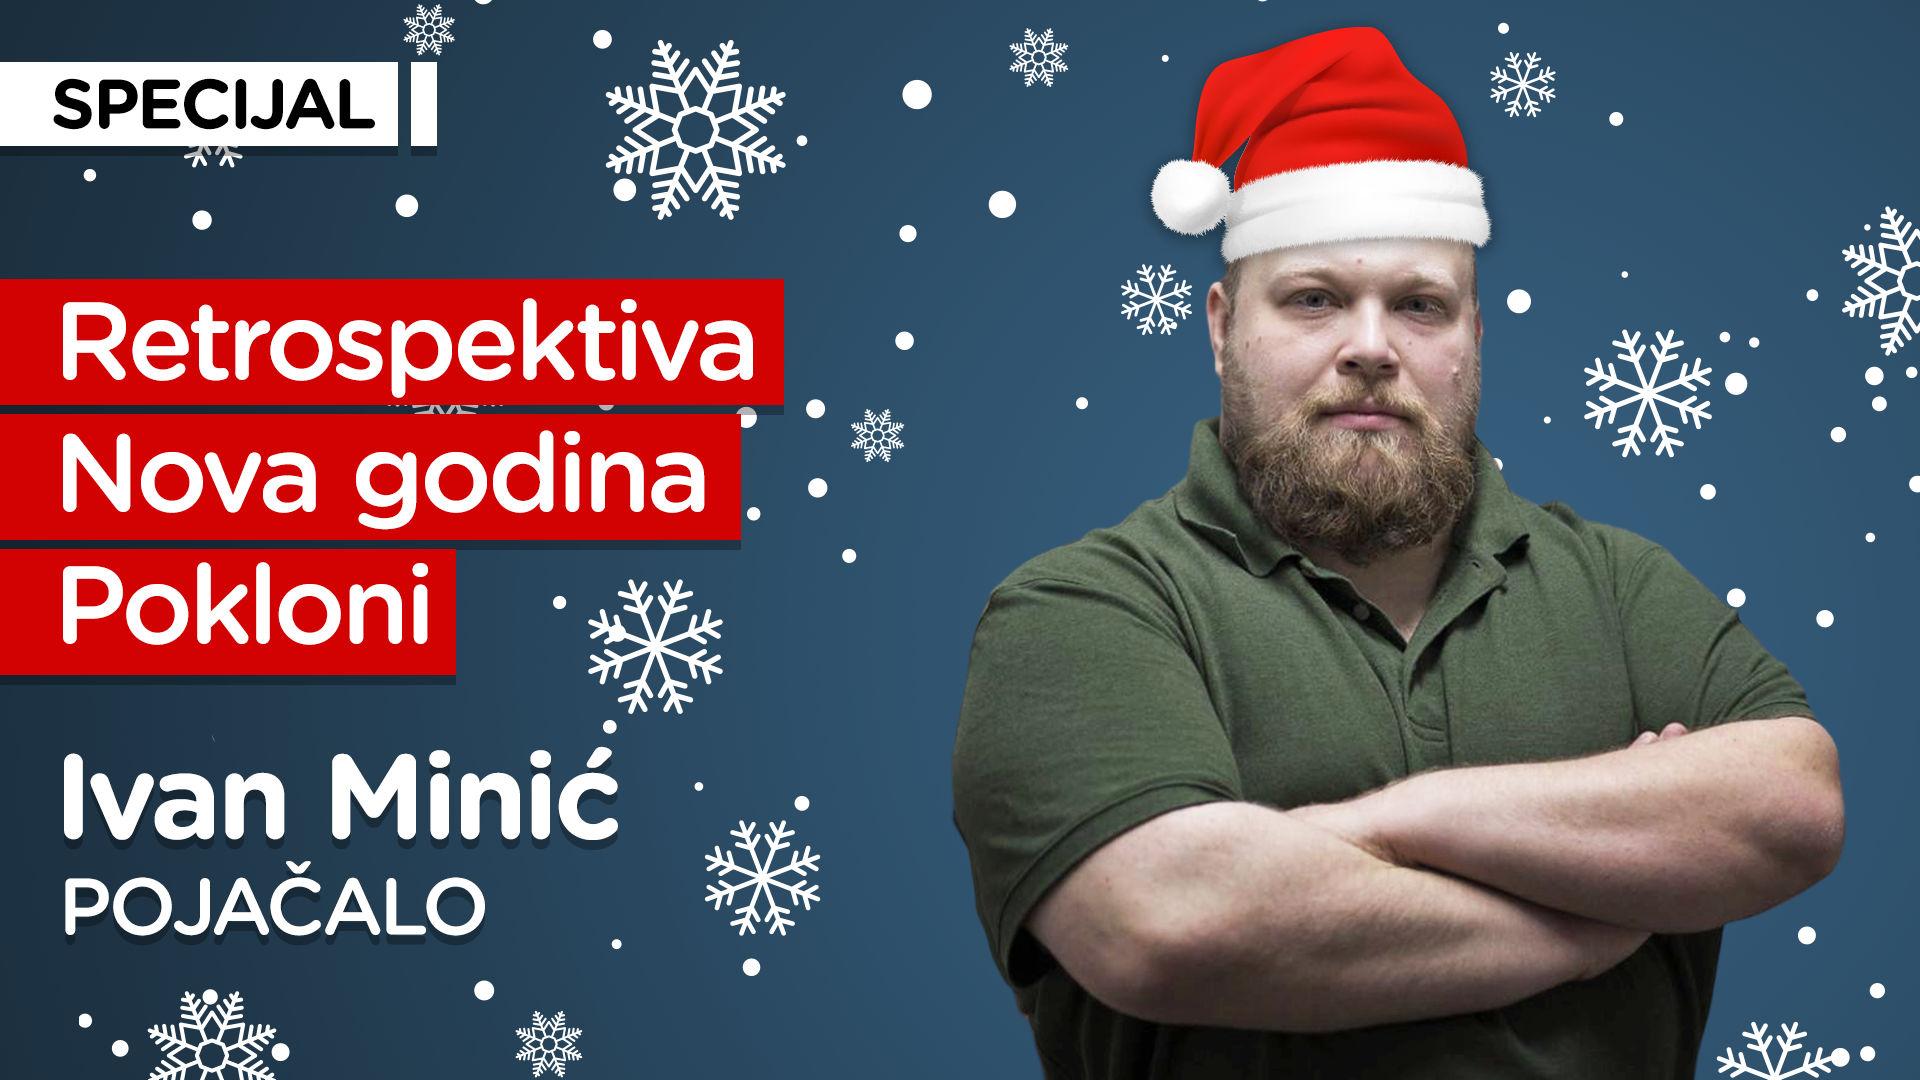 Novogodišnji specijal: Ivan Minić